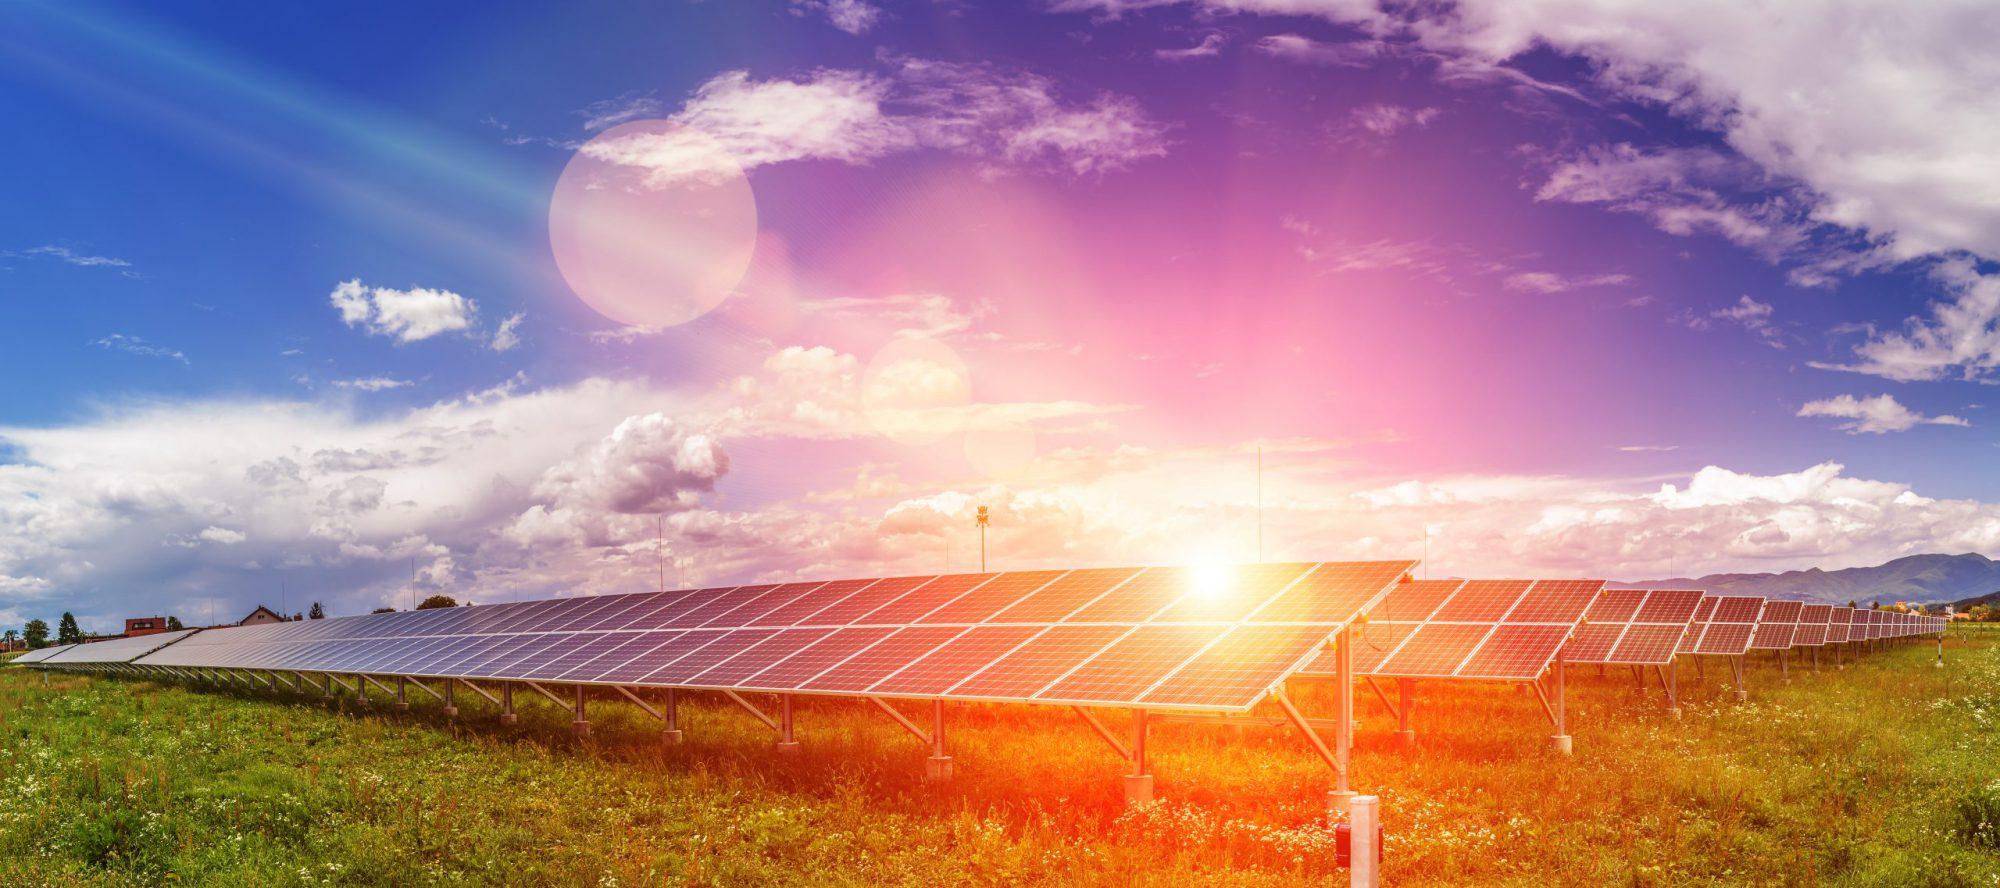 TNB-Renewables-Meets-Growing-Solar-Demand-AIoT